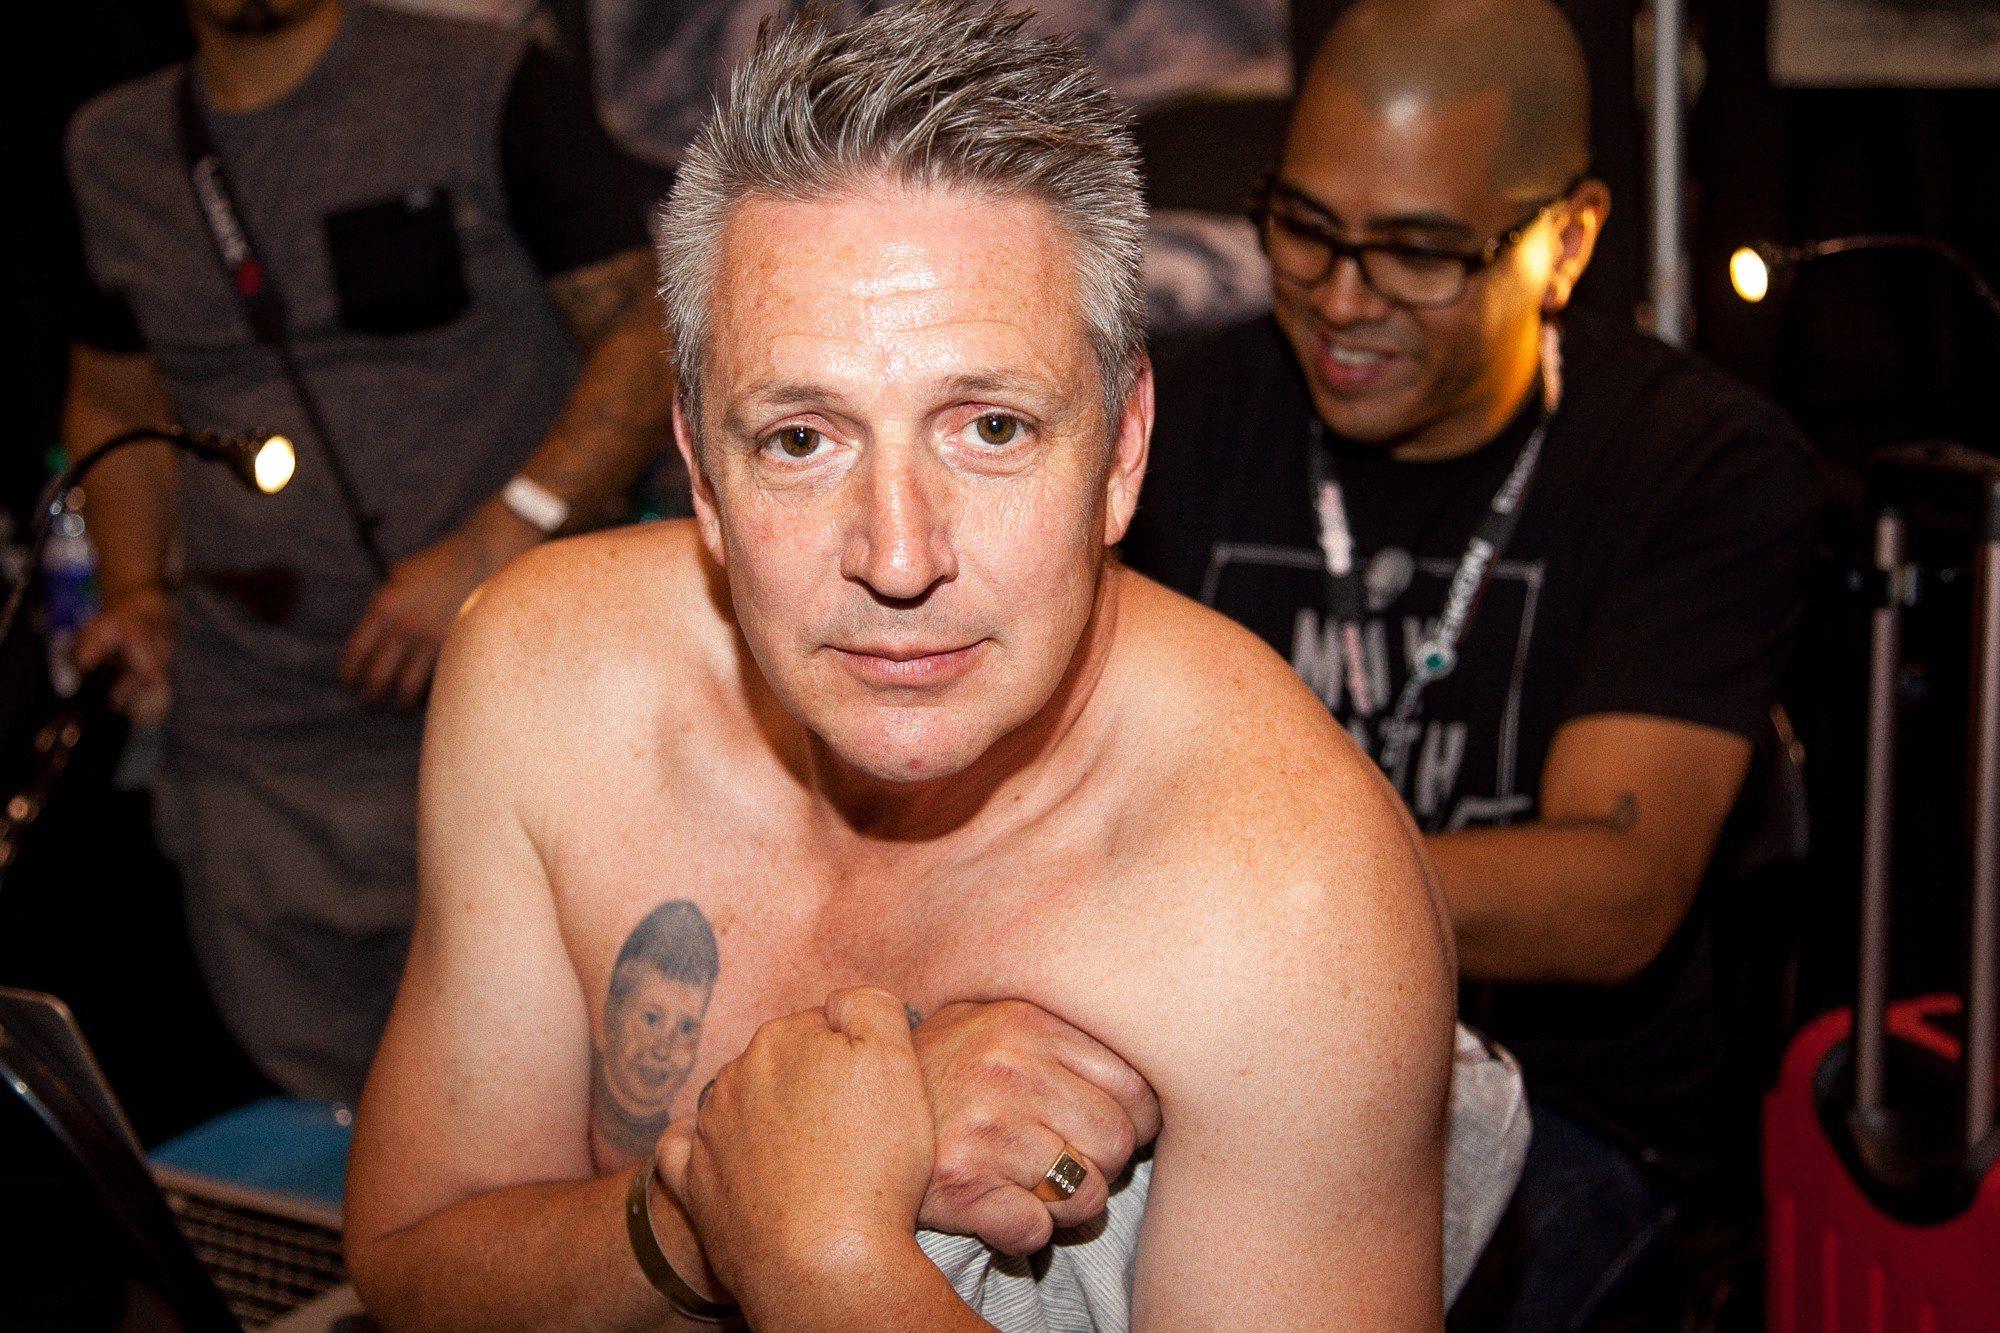 tattoo-streeter-dean-cutler-1